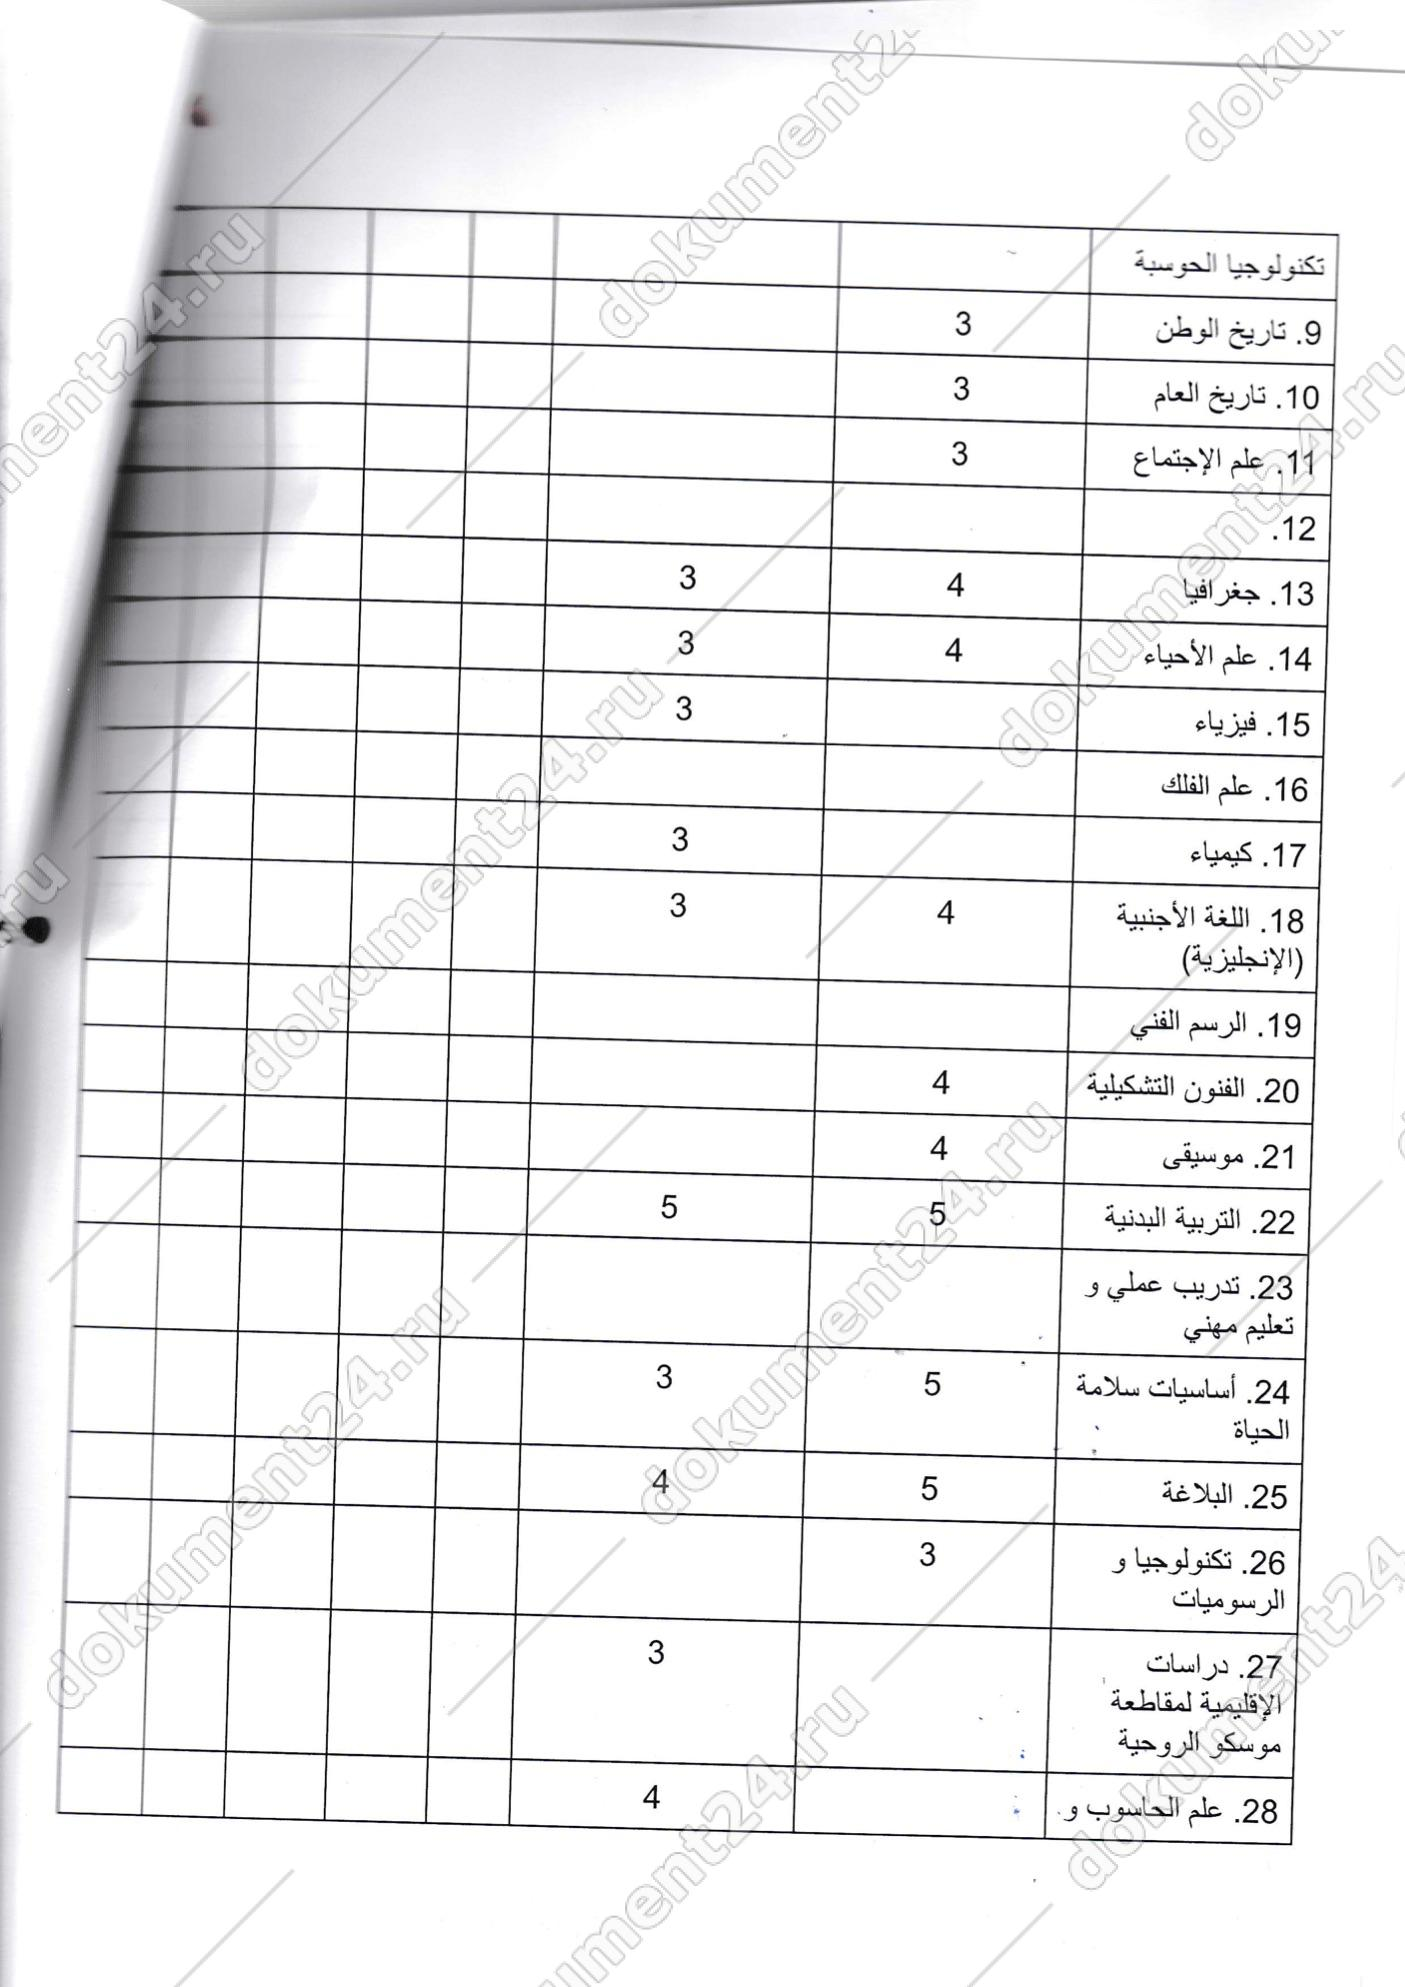 перевод личного дела школьника арабский